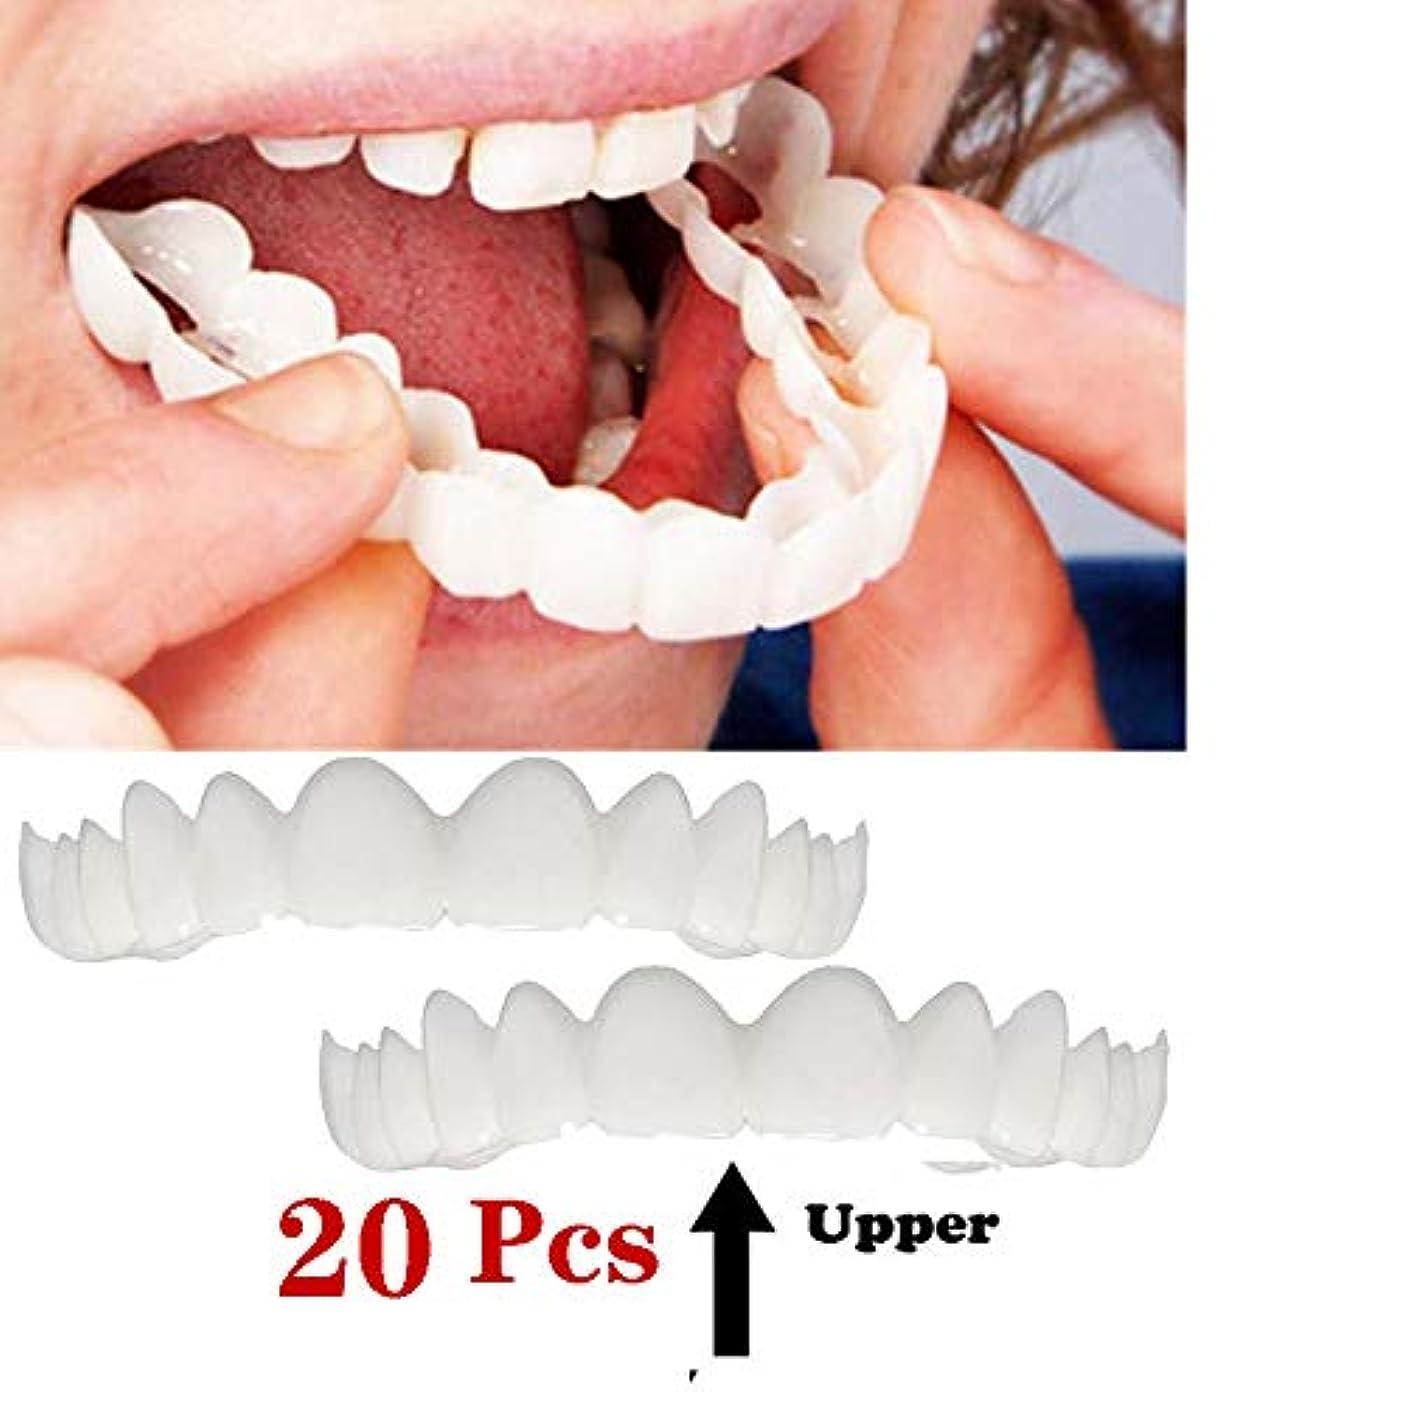 私たちのものオーバードロージャンプ笑顔の義歯フィットフレックス化粧品の歯快適なベニヤカバーの歯のスナップを白くする笑顔の歯化粧品の義歯、化粧品の歯